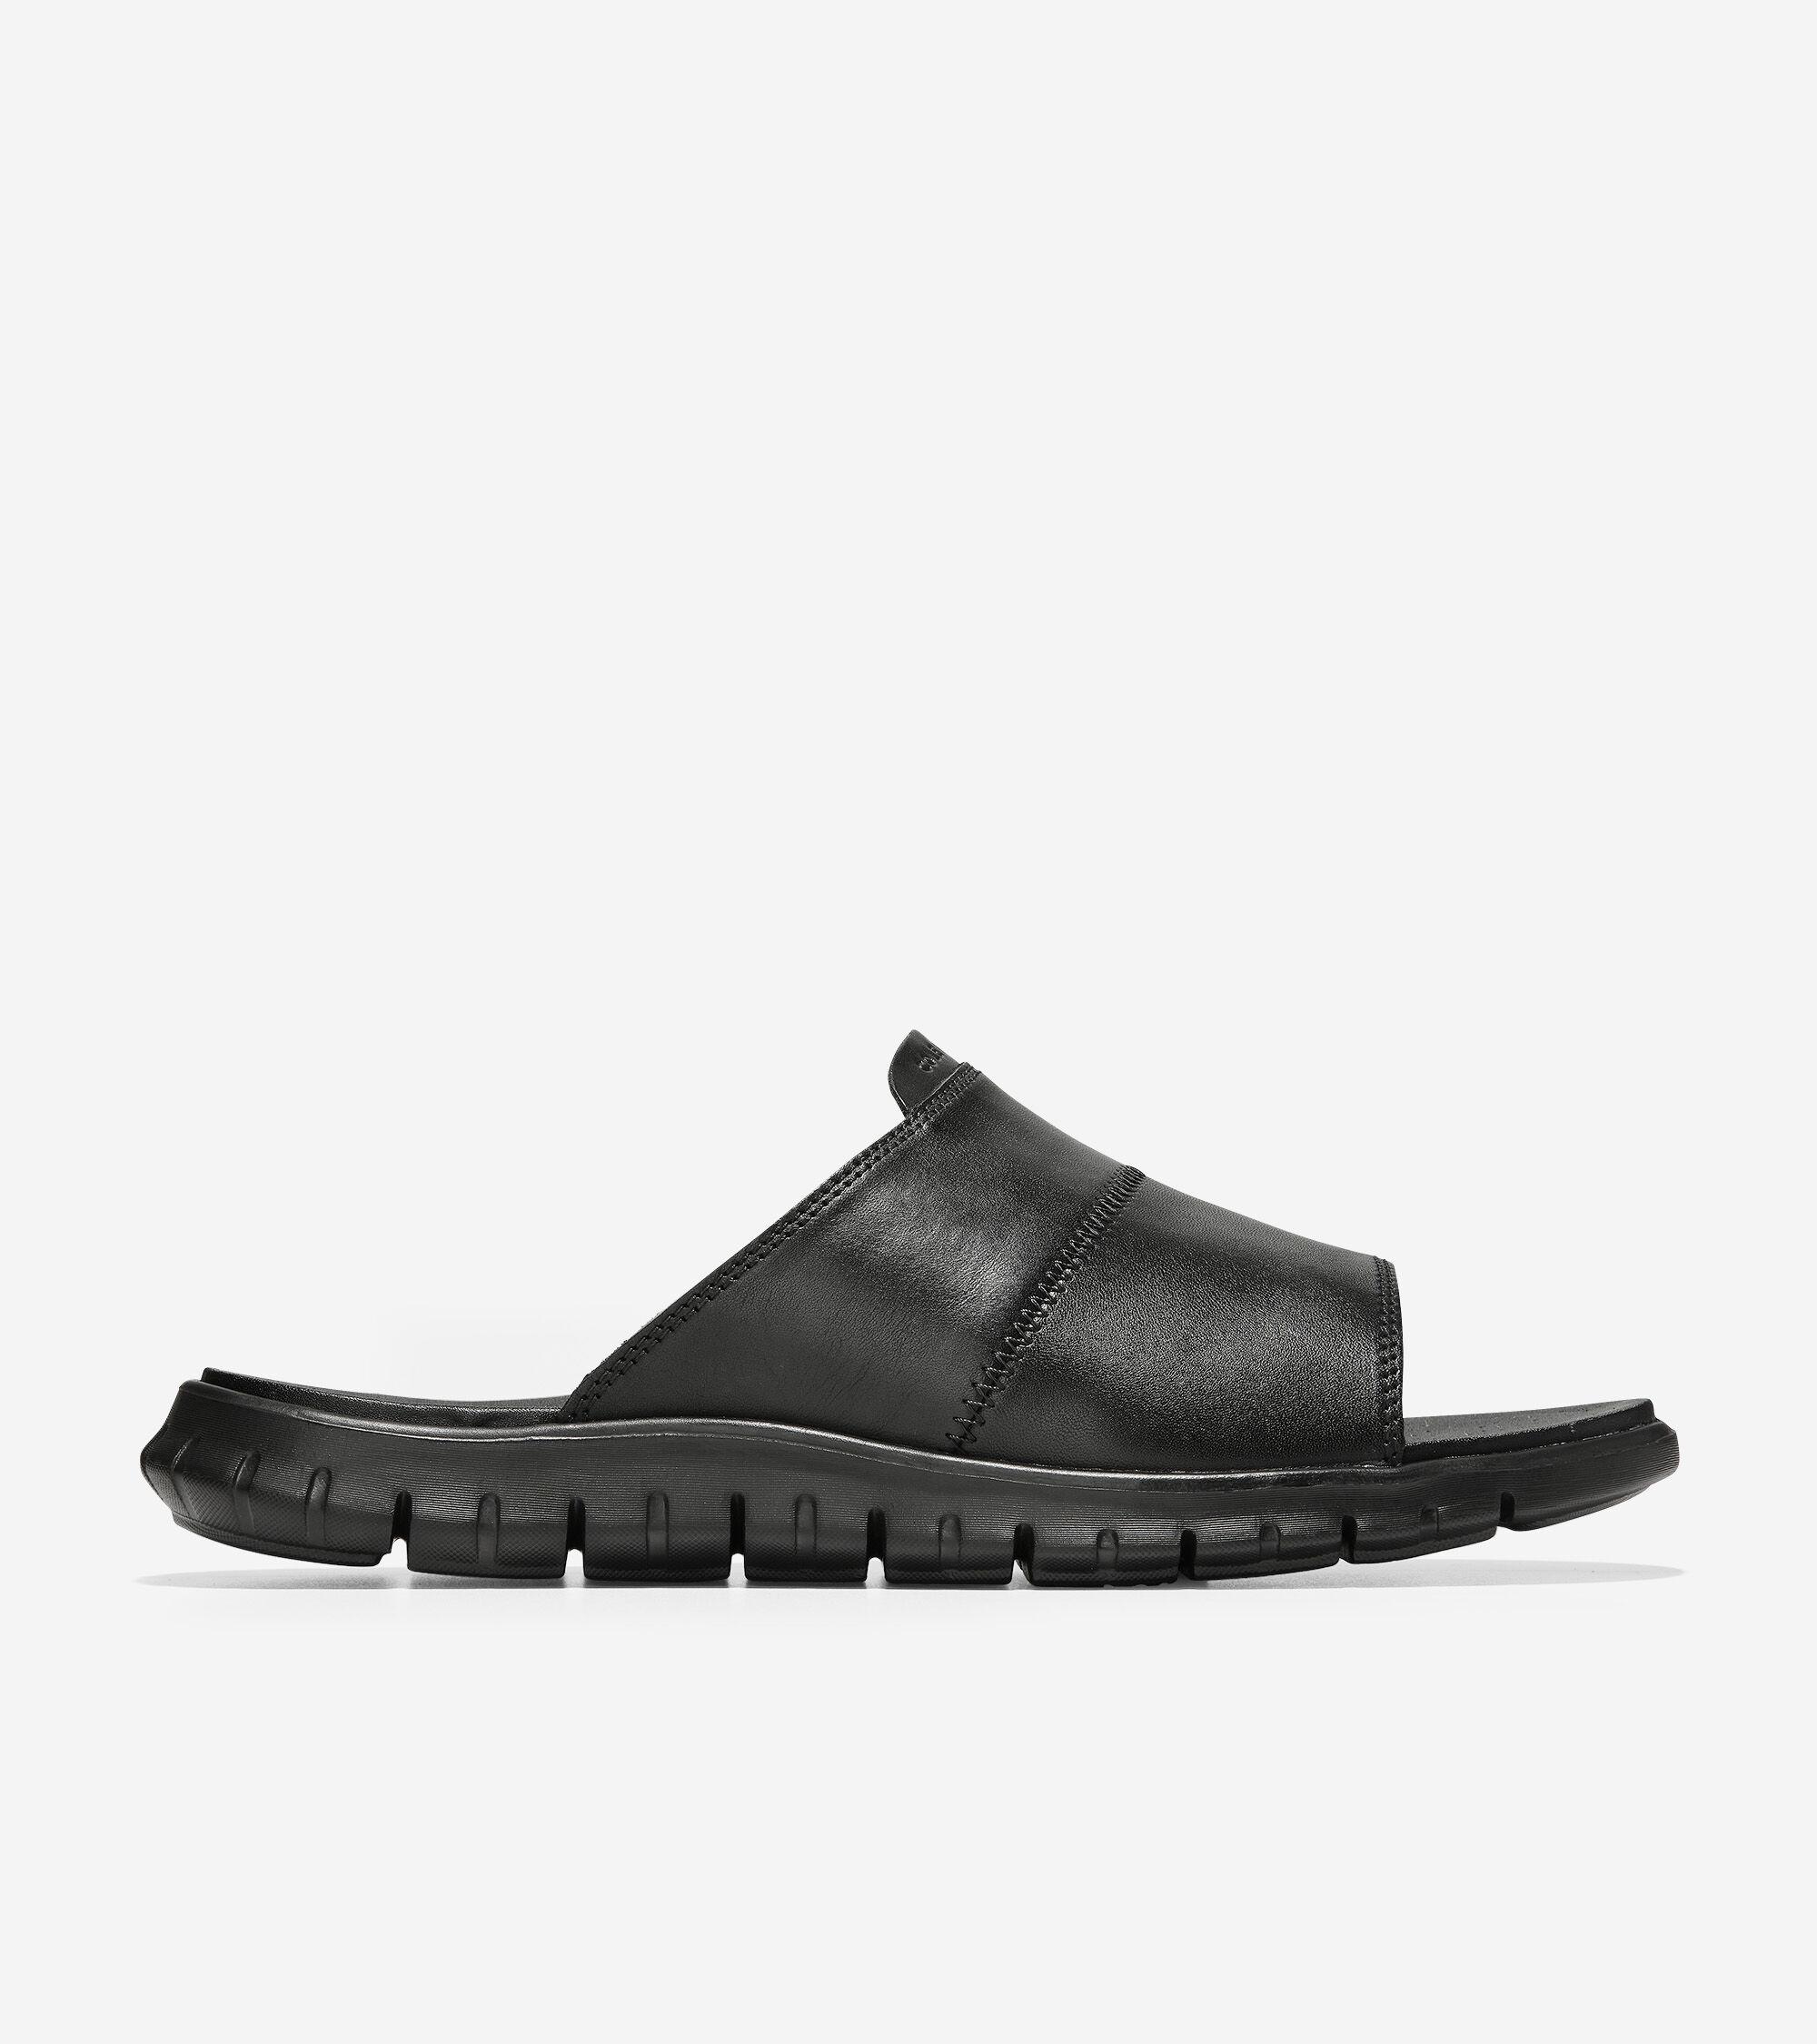 Slide Sandal in Black Leather | Cole Haan